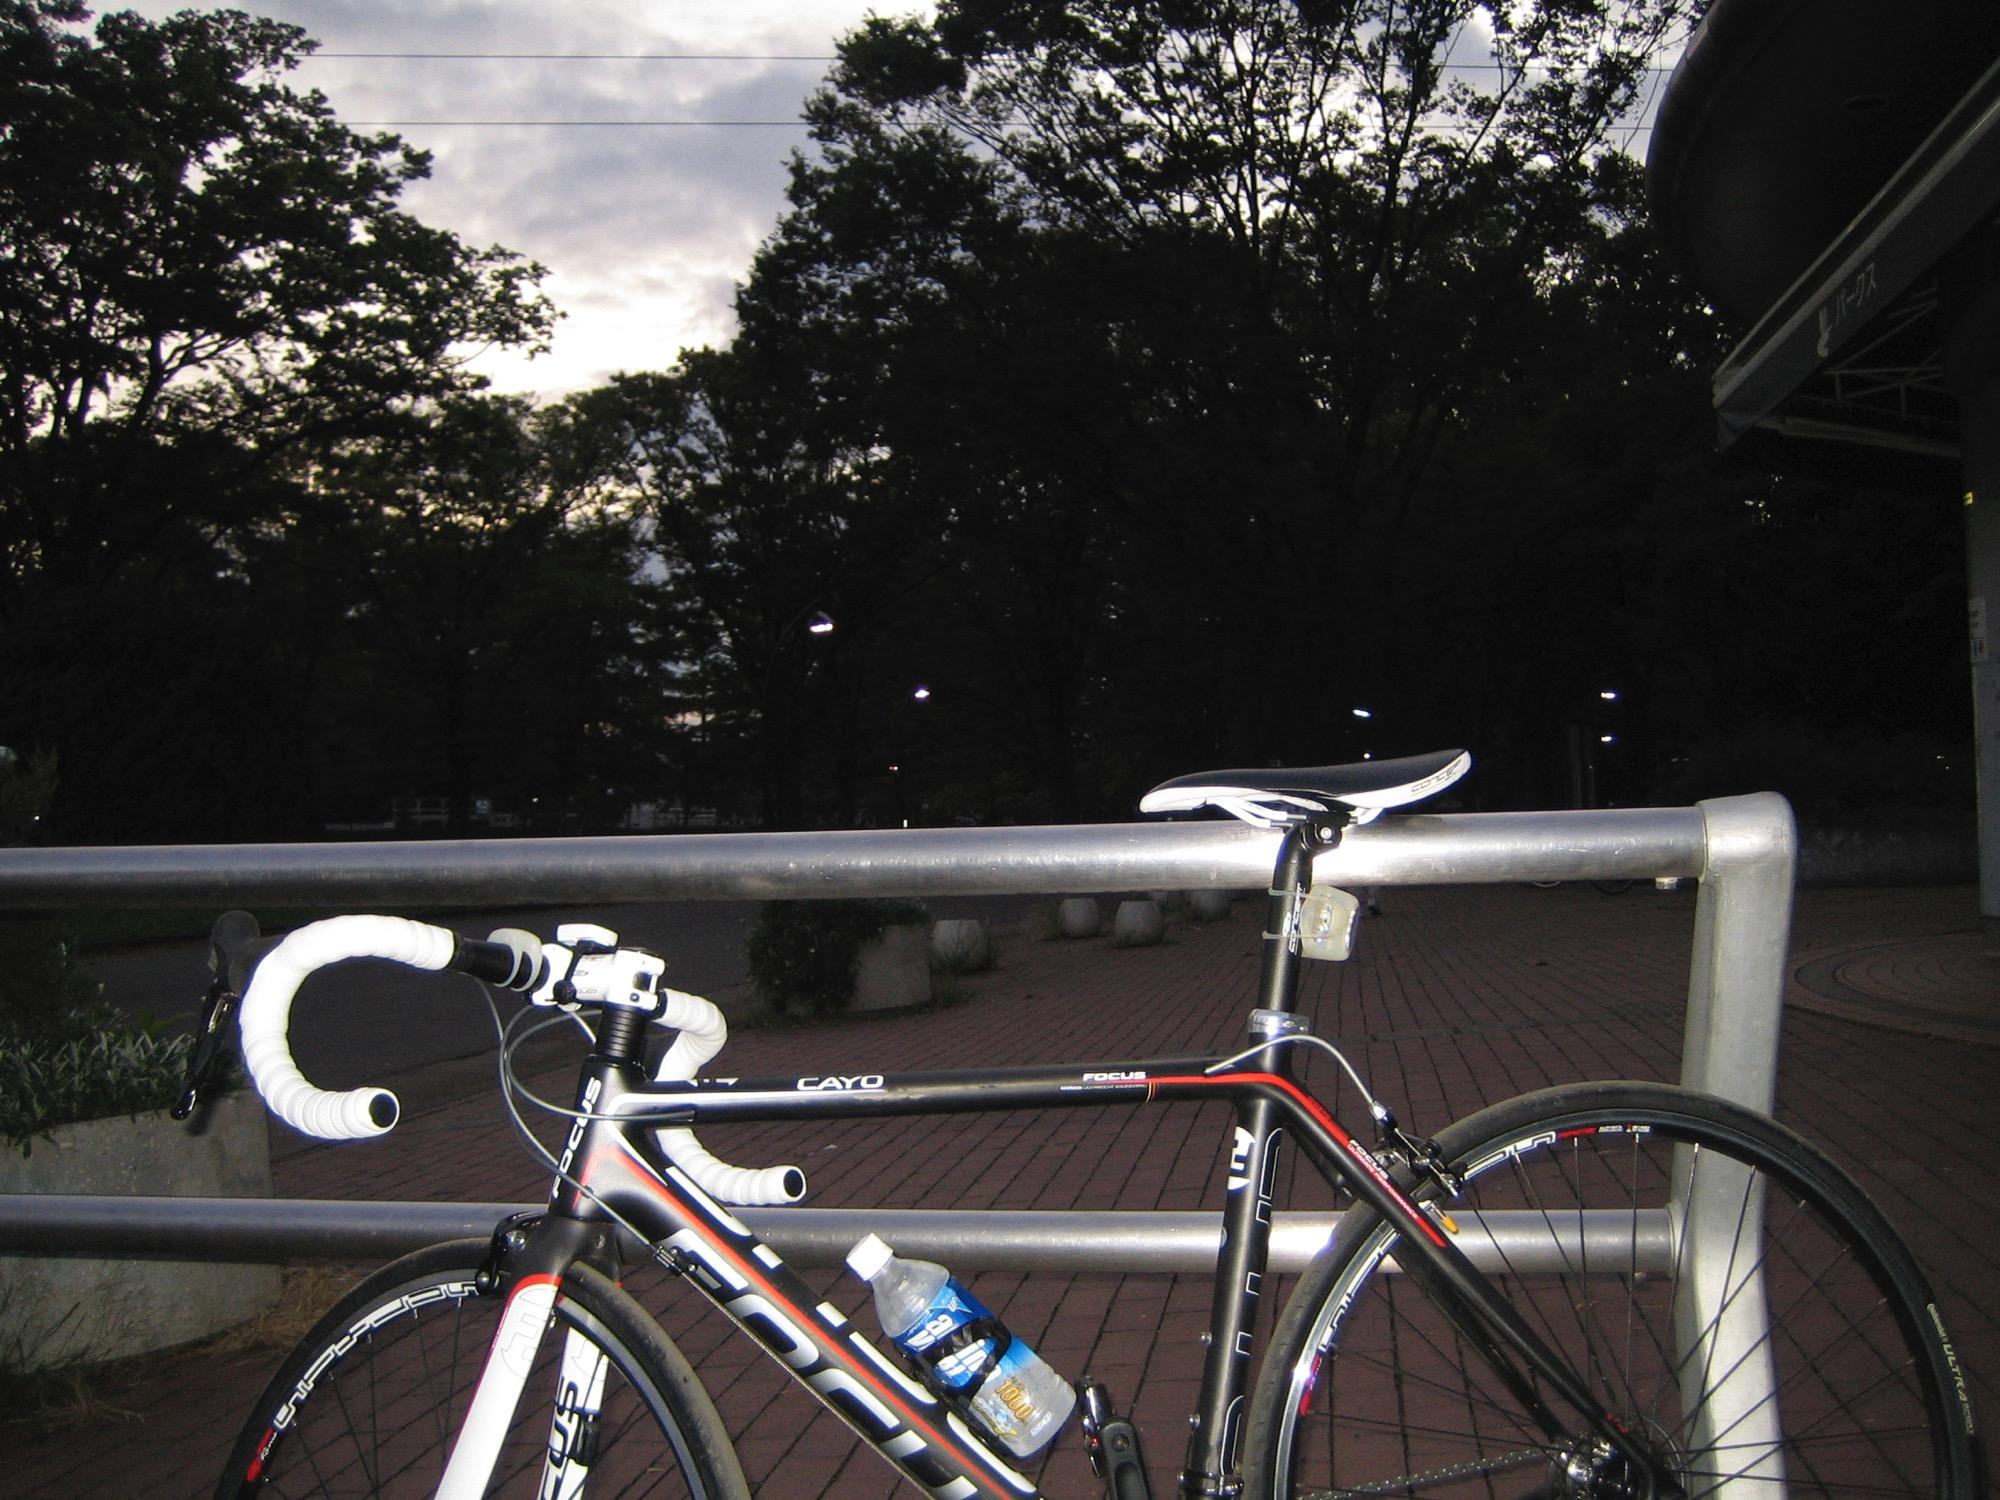 2011/09/23 FOCUS CAYOにて